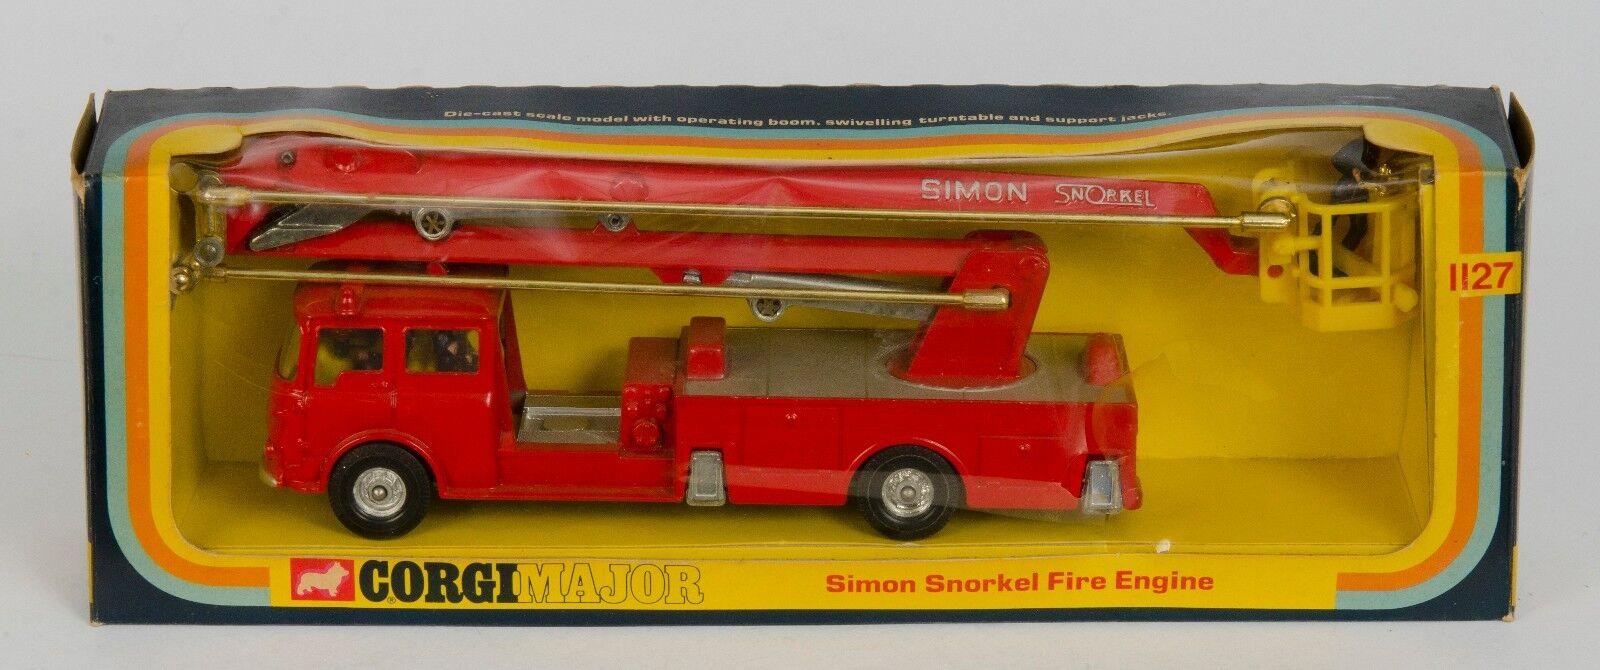 CORGI 1127 SIMON SNORKEL FIRE ENGINE. grand modèle en boîte de fenêtre. original années 1970